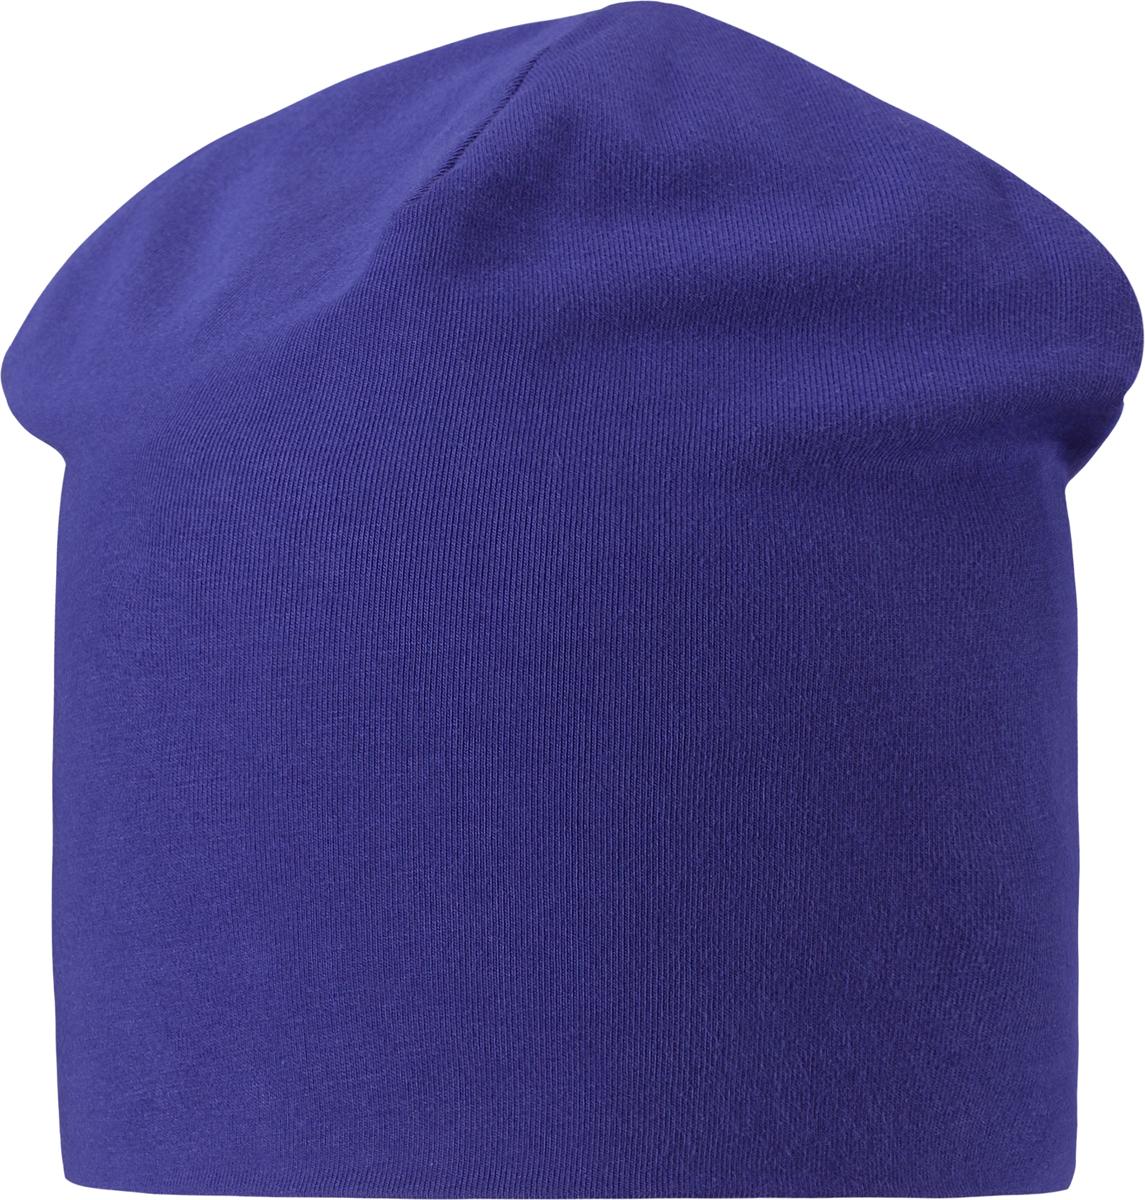 Шапка детская7287056690Легкая и удобная детская шапка в нескольких вариантах разных однотонных расцветок и ярких принтов. Шапка сделана из легкого и дышащего джерси на полной трикотажной подкладке из смесового хлопка. Ветронепроницаемые вставки в области ушей обеспечивают дополнительное утепление.